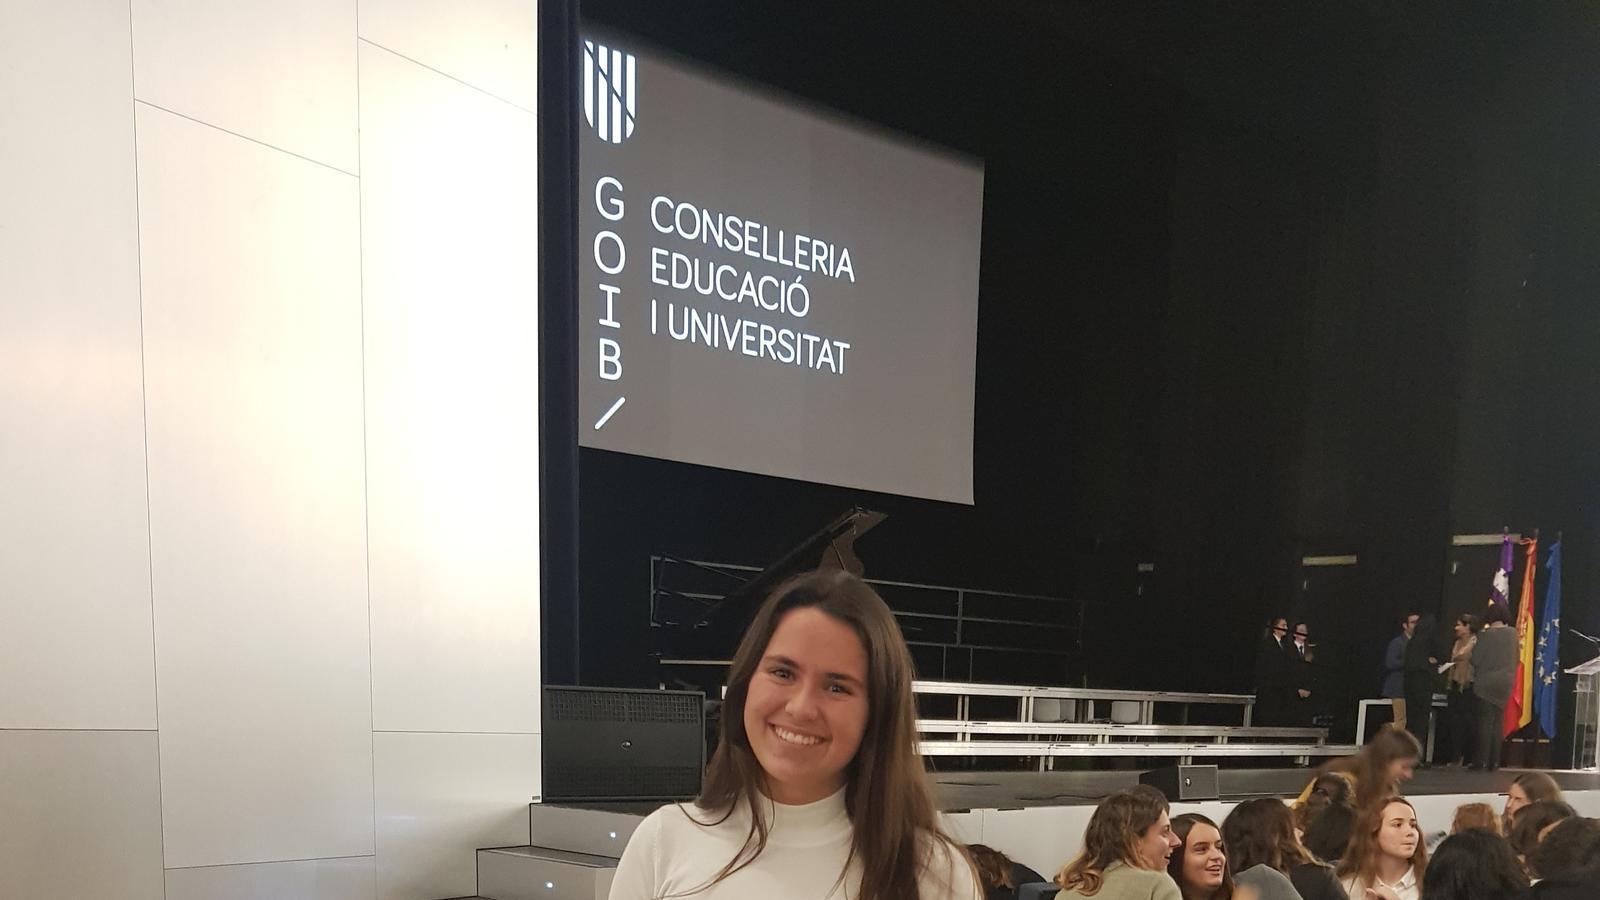 Rosa Bauzà, una de les alumnes premiades